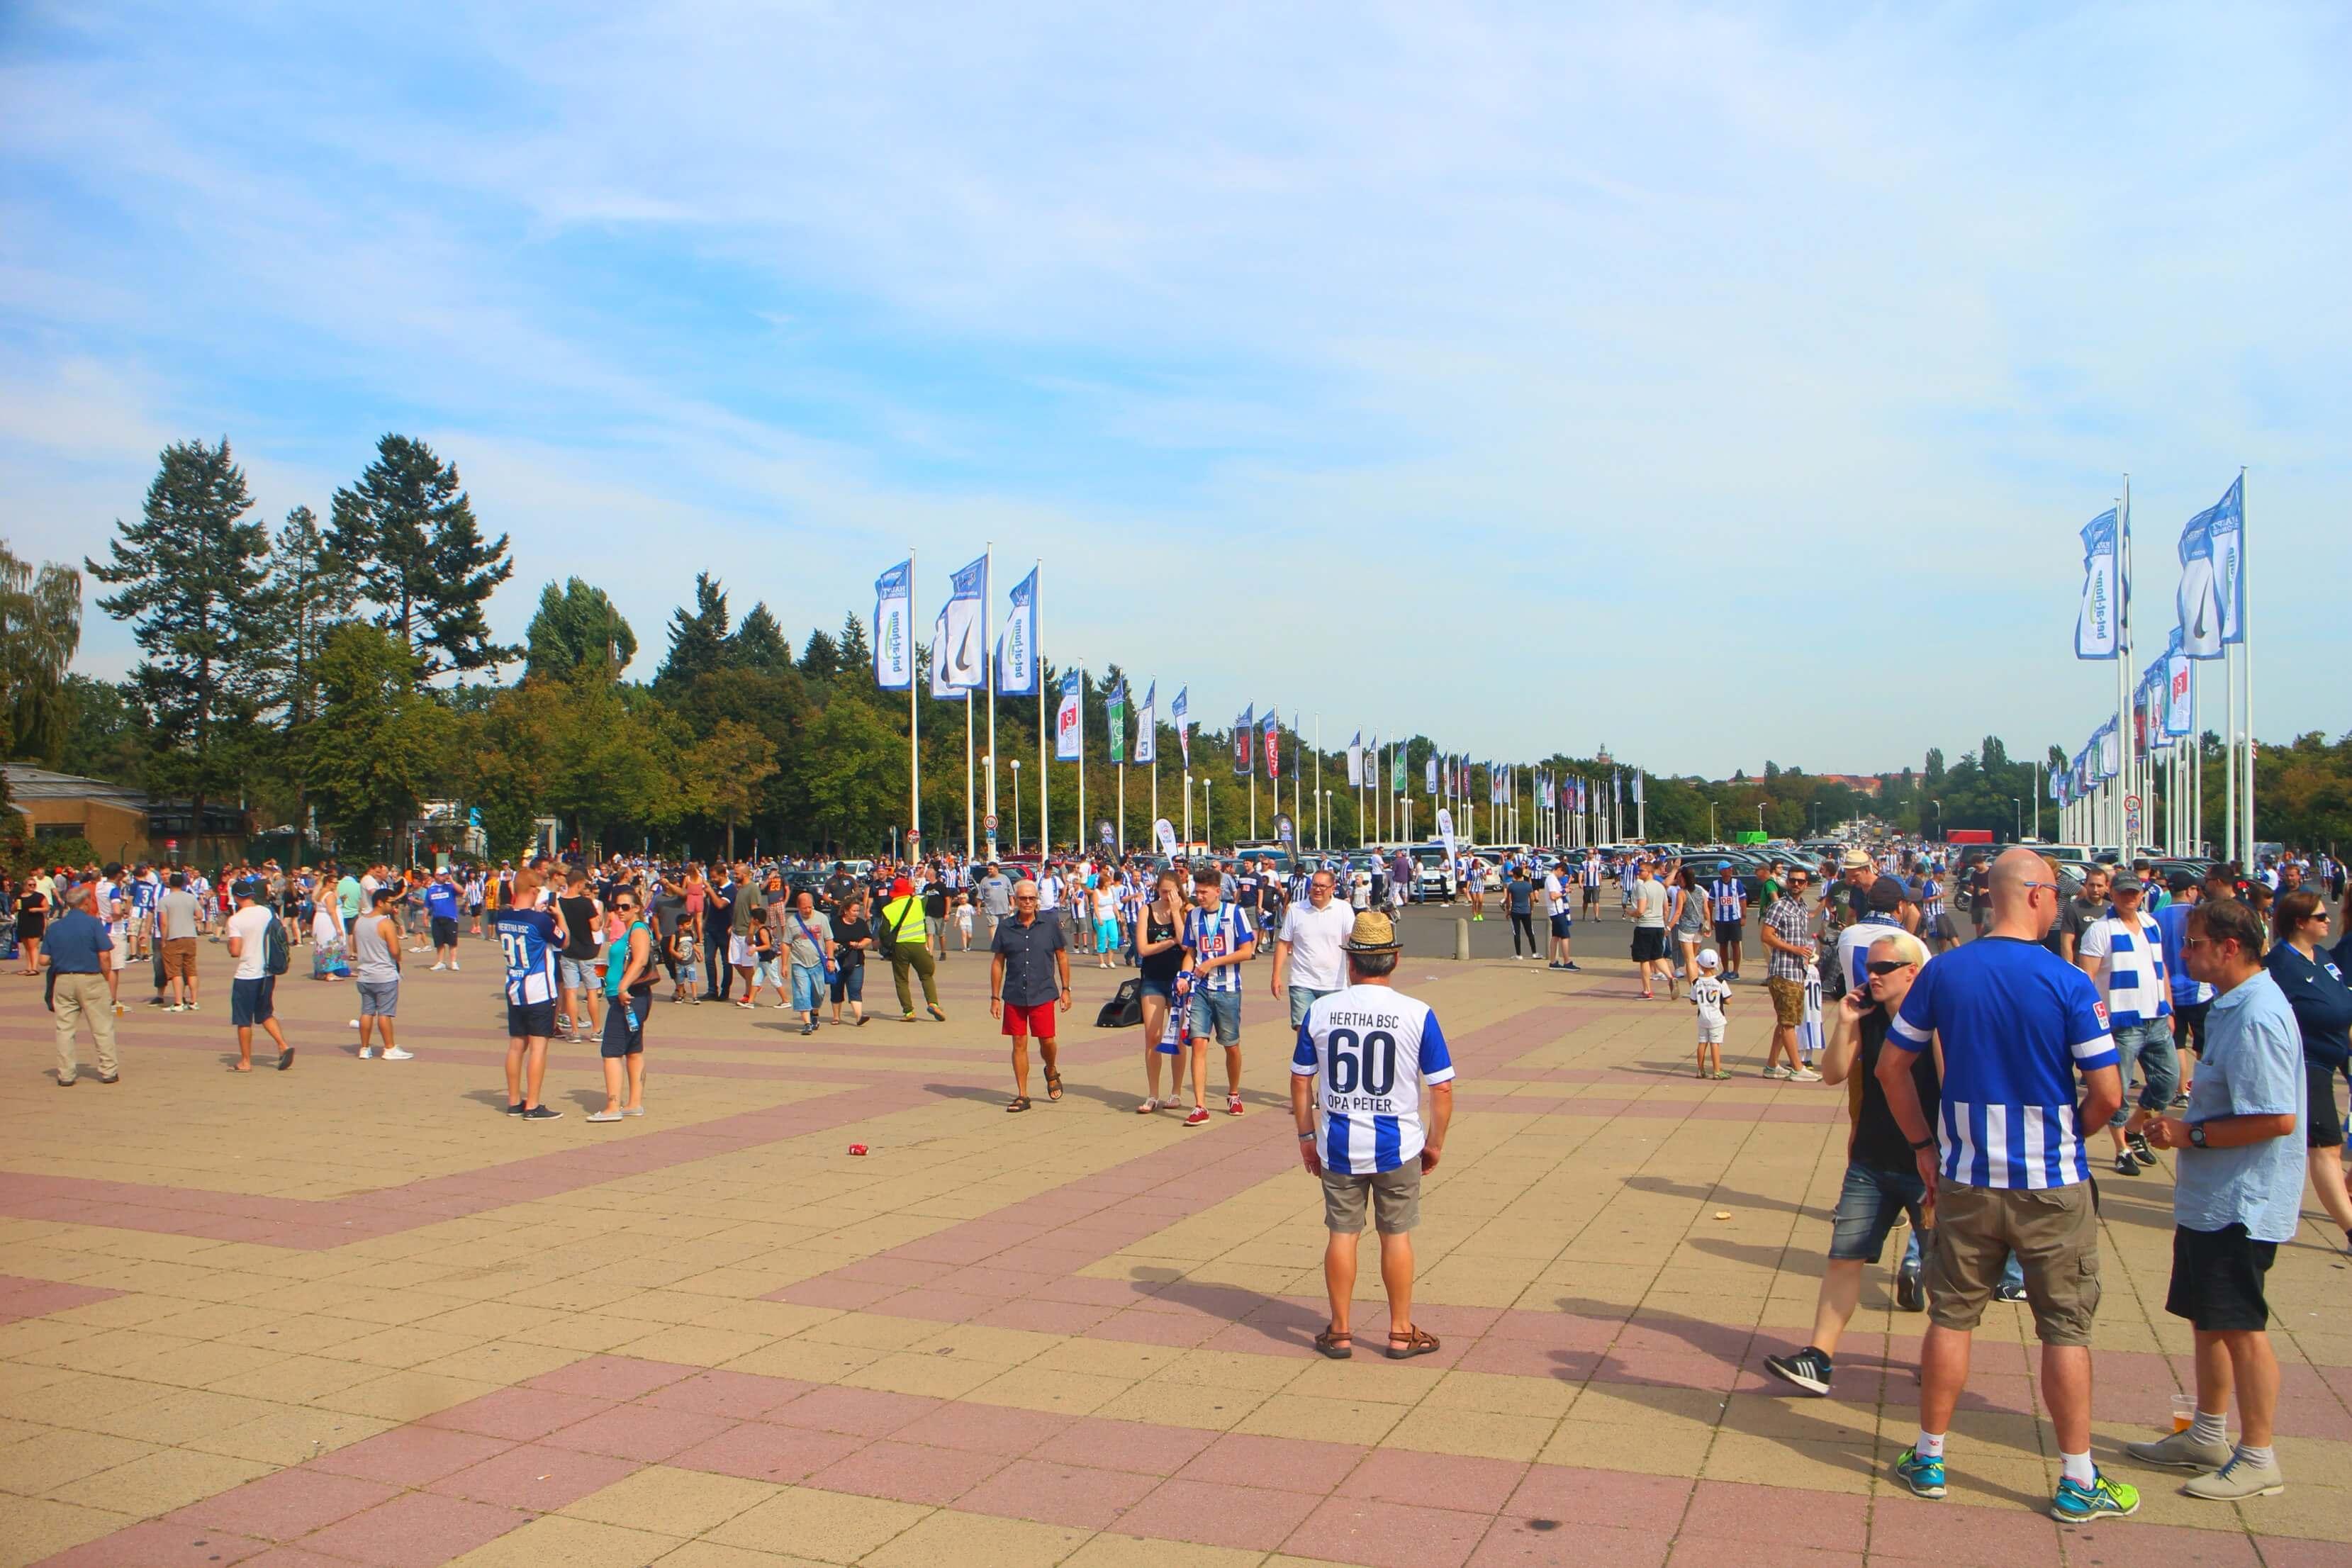 voetbalwedstrijd-berlijn